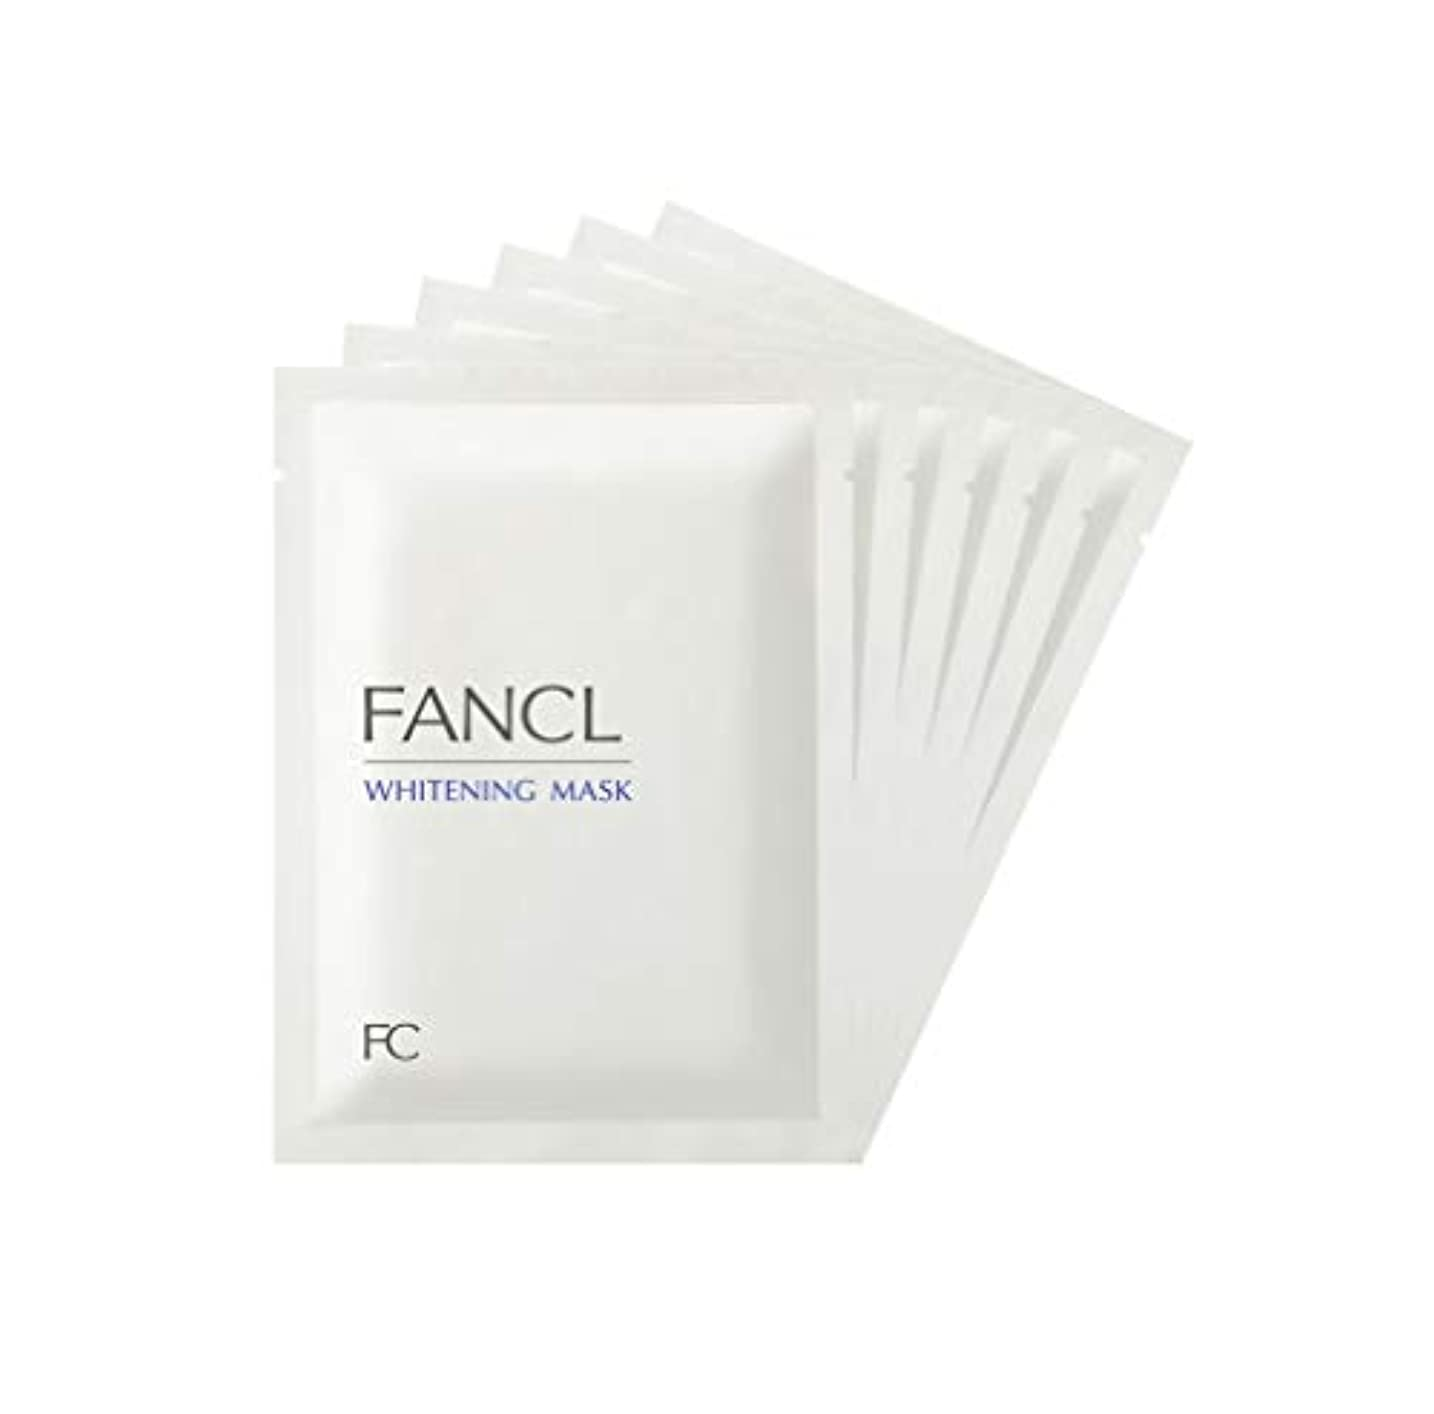 水分海軍司教ファンケル (FANCL) 新 ホワイトニング マスク 6枚セット (21mL×6) 【医薬部外品】